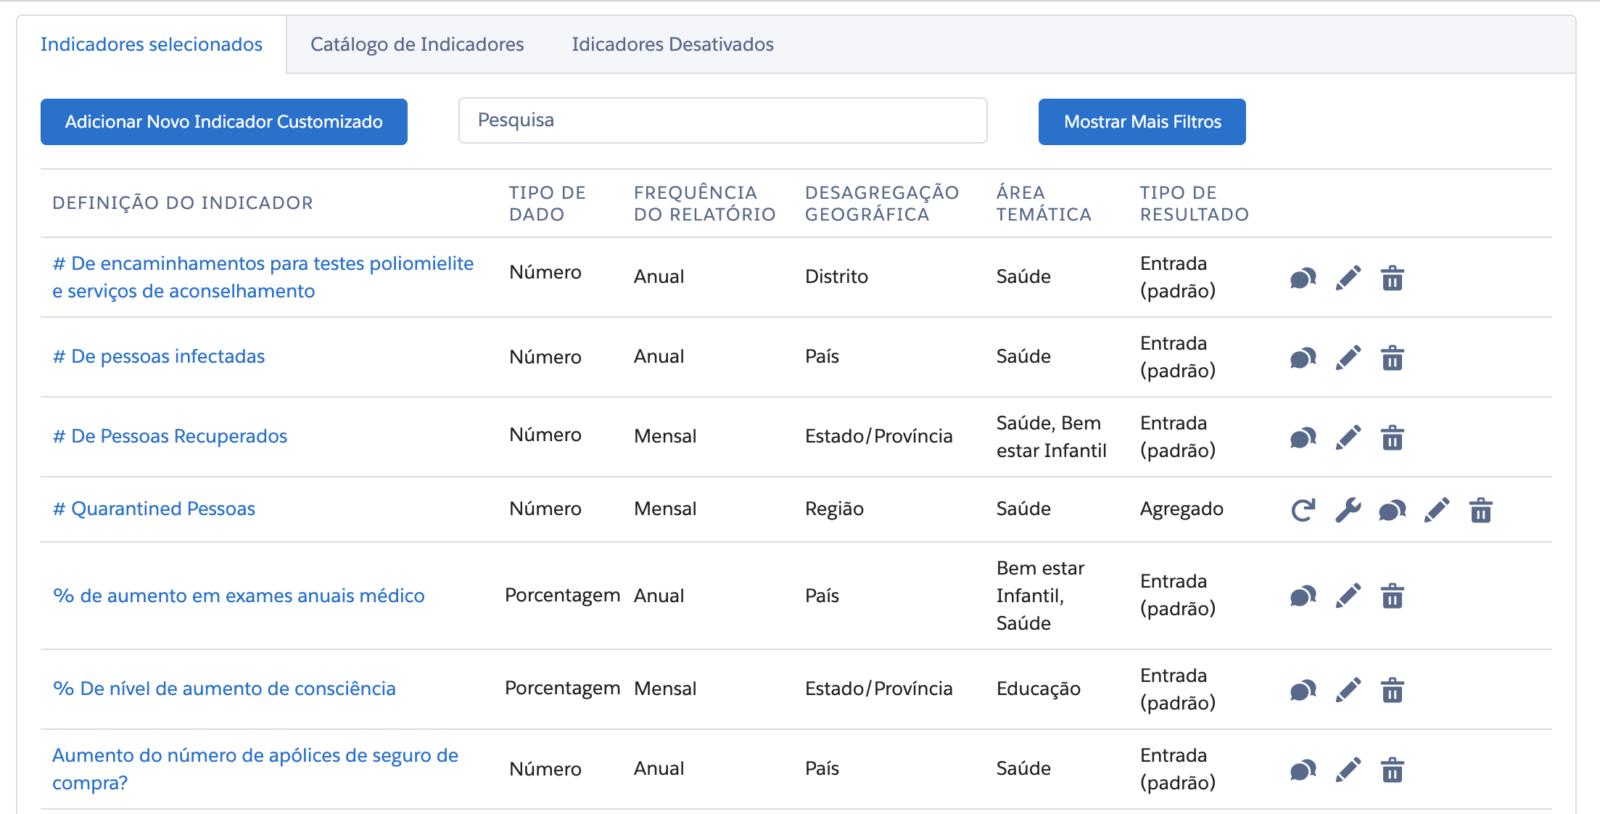 Indicators_Port